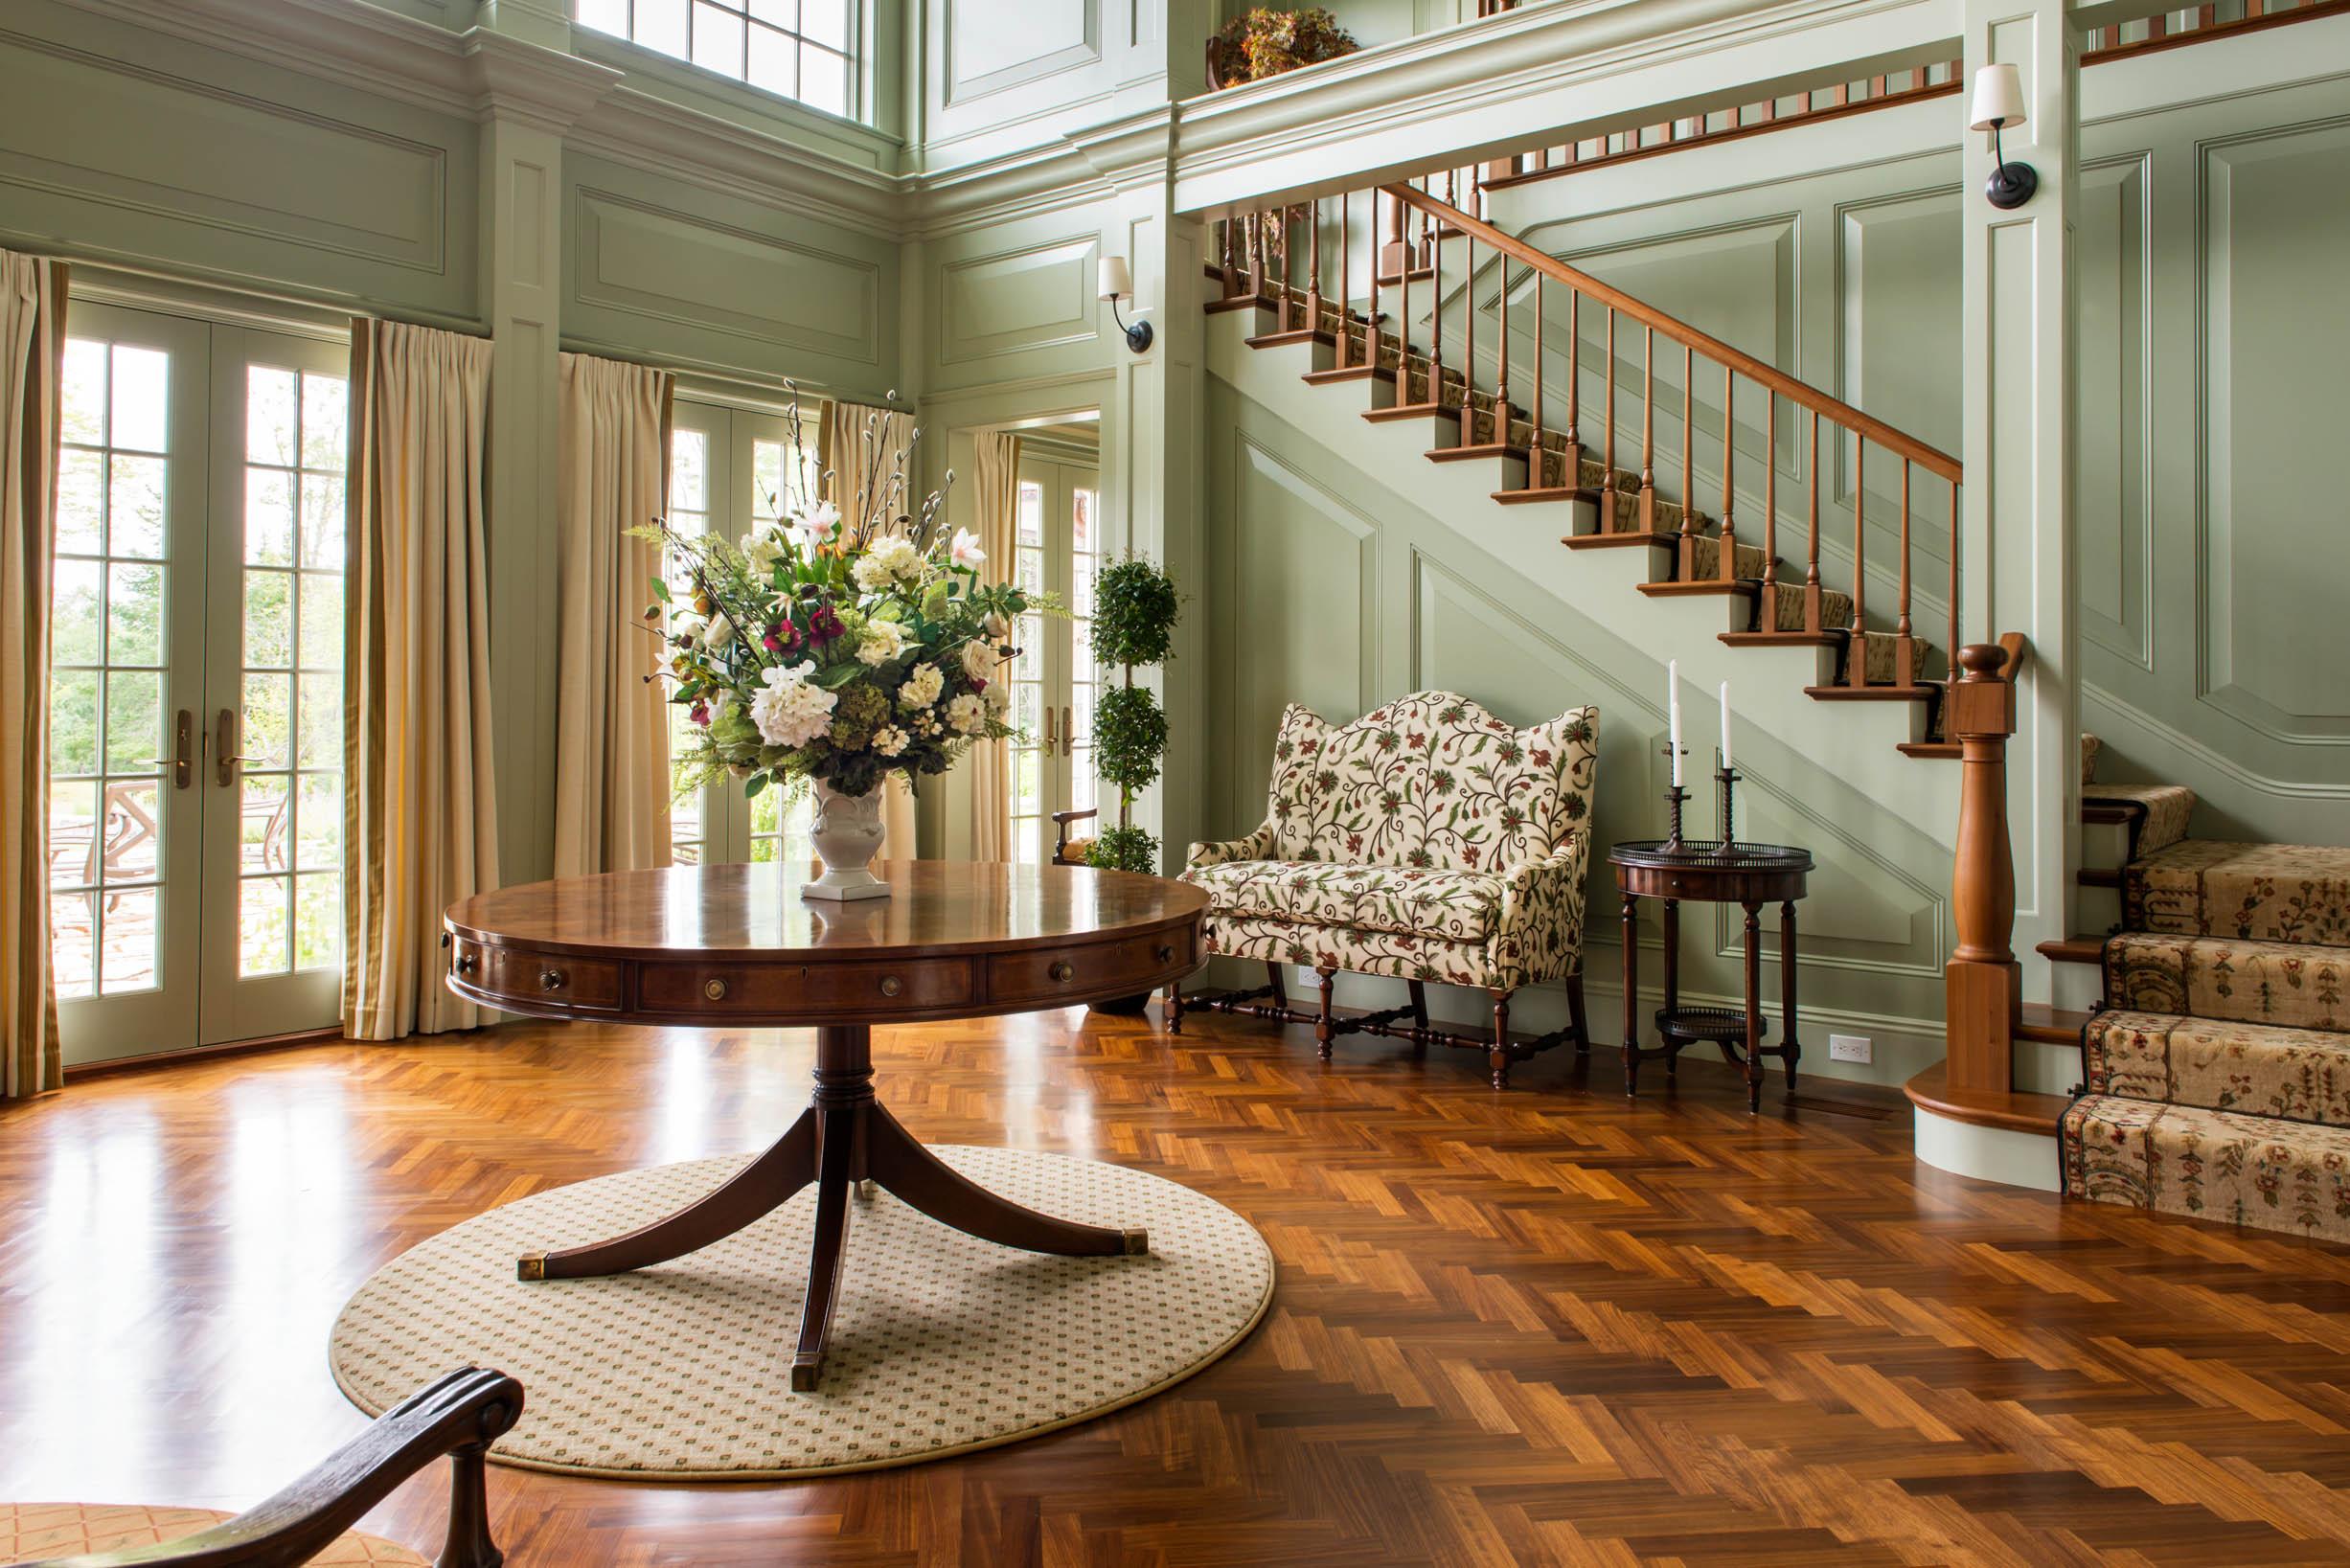 Home new hampshire interior designers alice williams for Interior designers hampshire